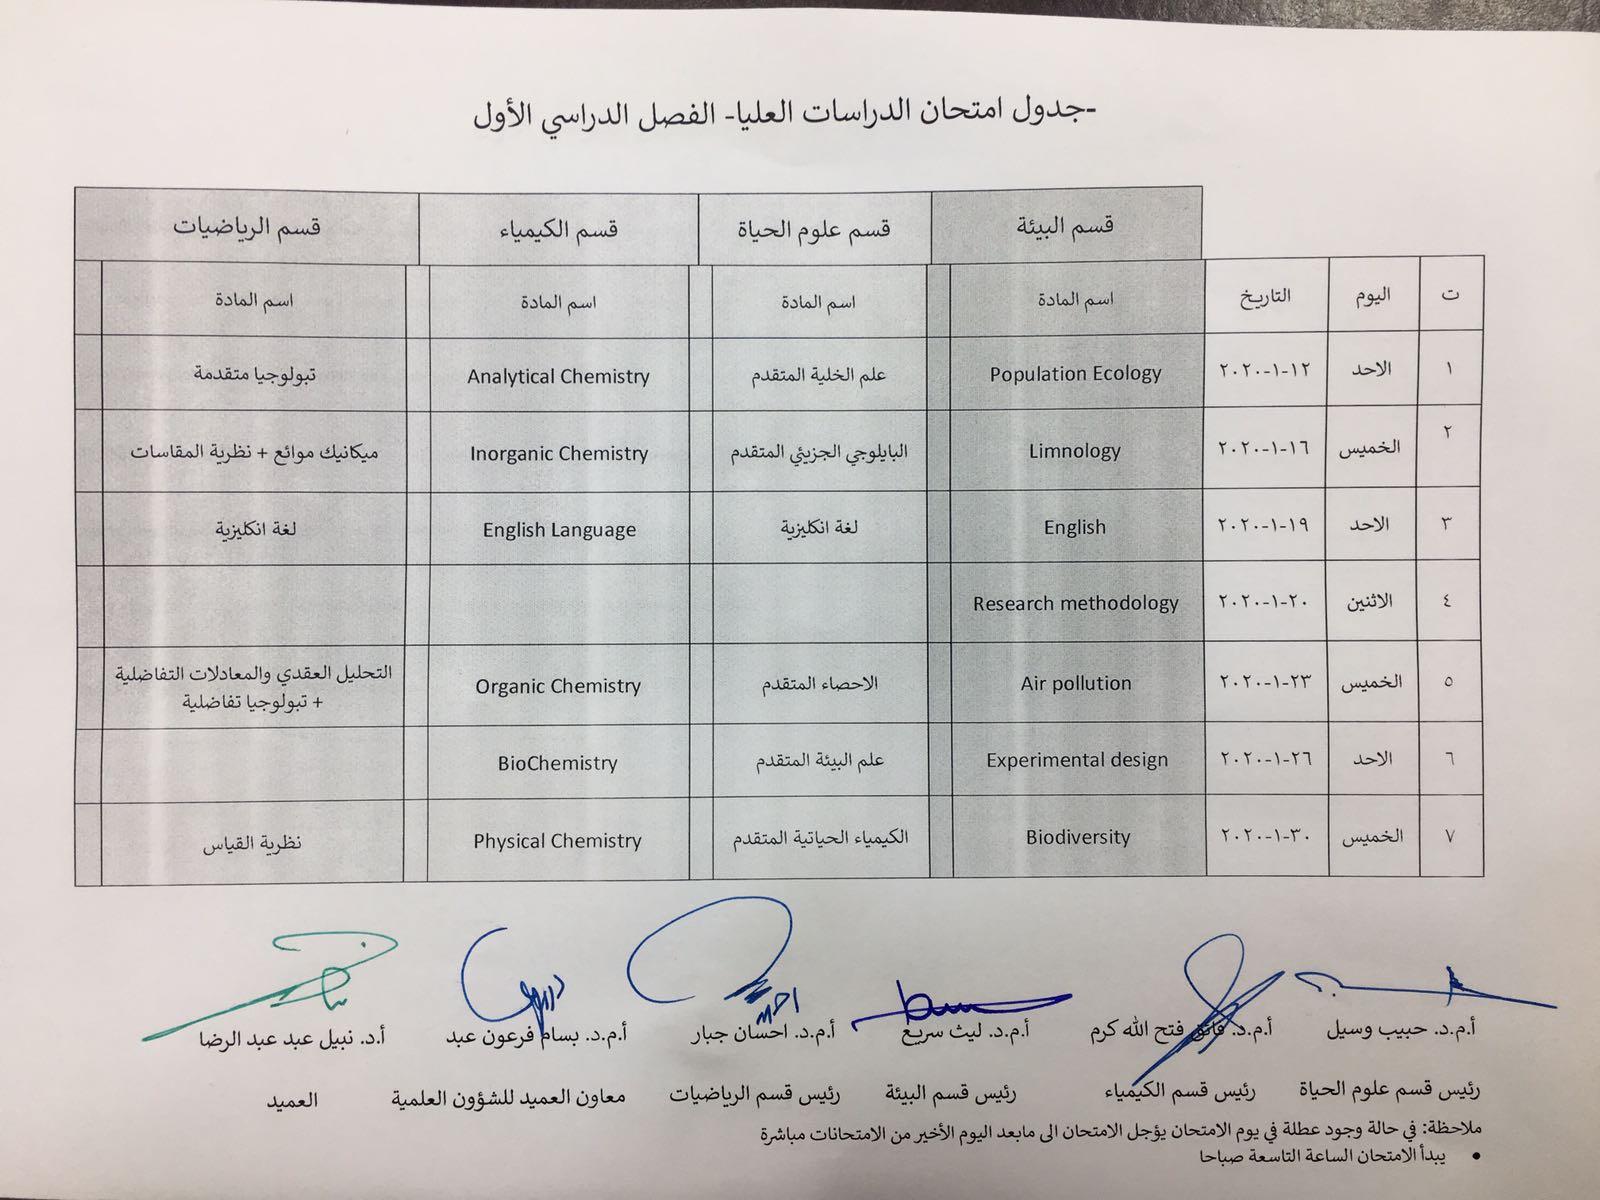 جدول الامتحانات النهائية للفصل الدراسي الاول للدراسات العليا في كلية العلوم